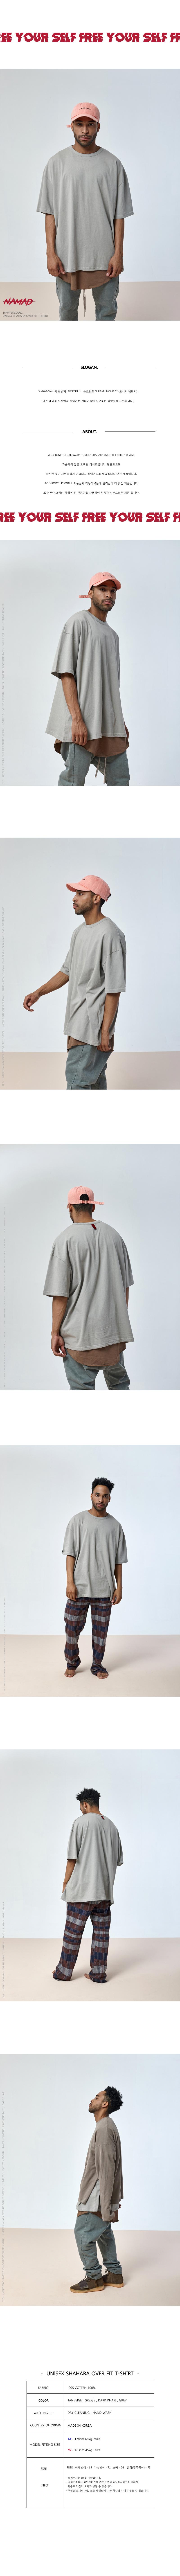 어텐션로우(ATTENTIONROW) 어텐션로우 사하라 오버핏 티셔츠(그레이지)